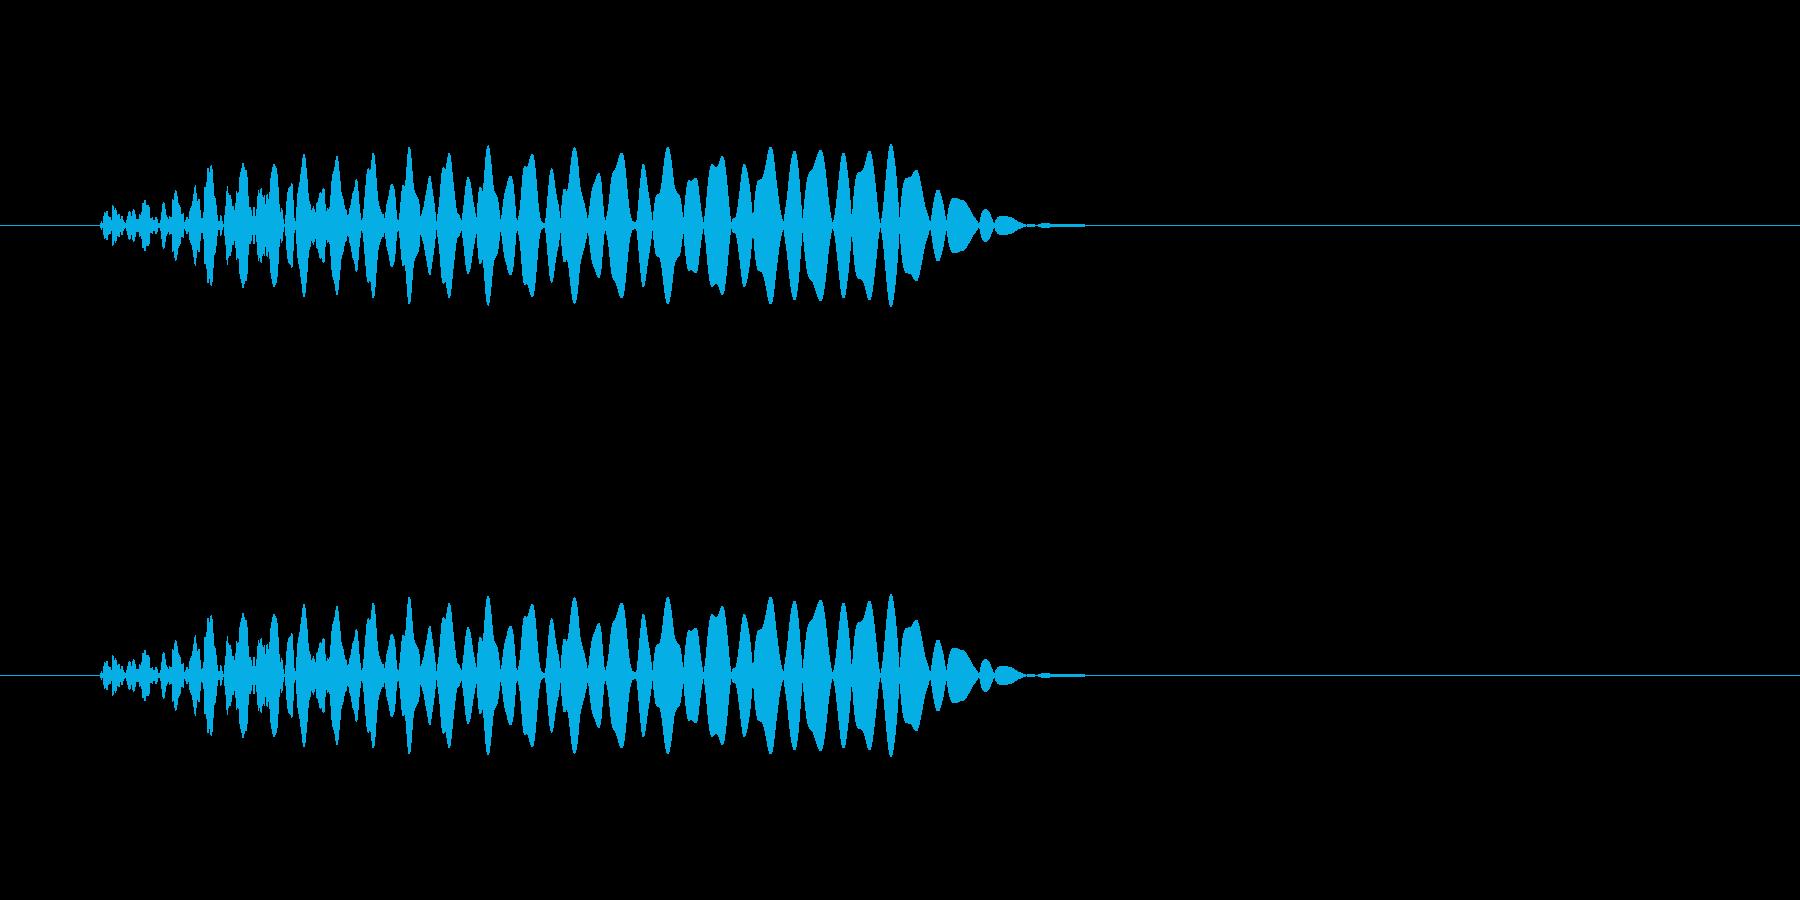 ブゥン↓(シンプルなキャンセル音)の再生済みの波形